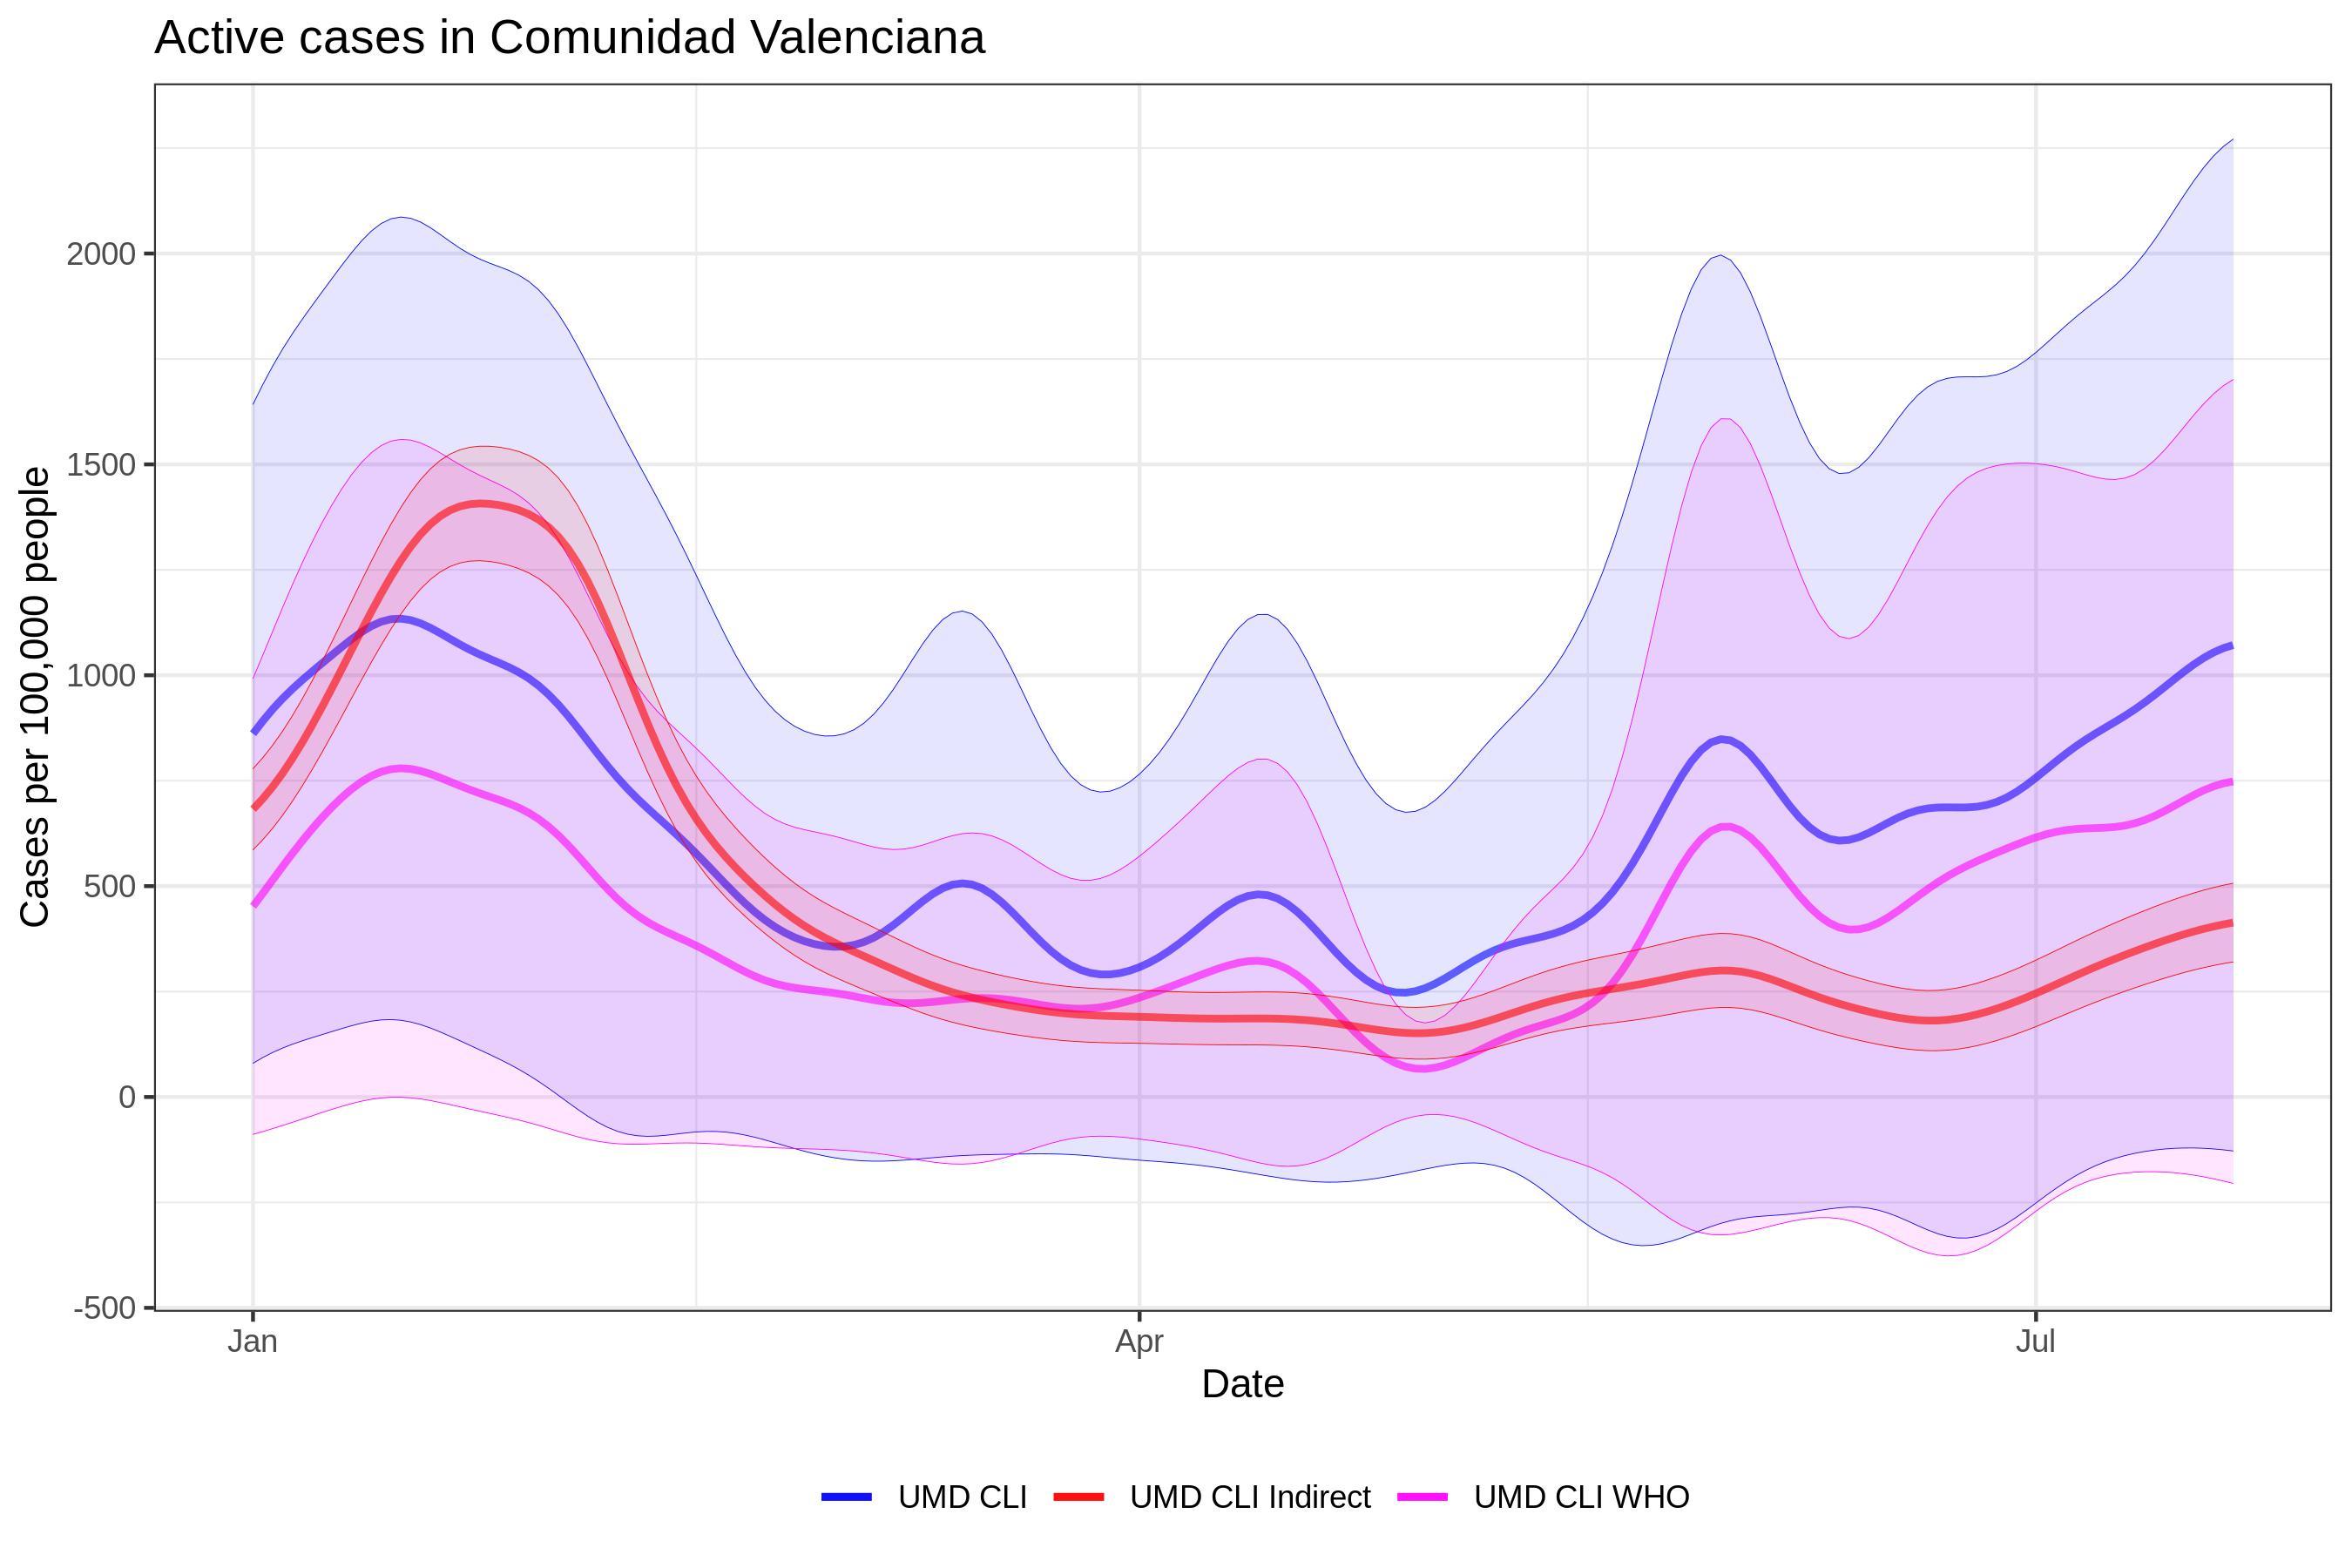 ES Comunidad Valenciana